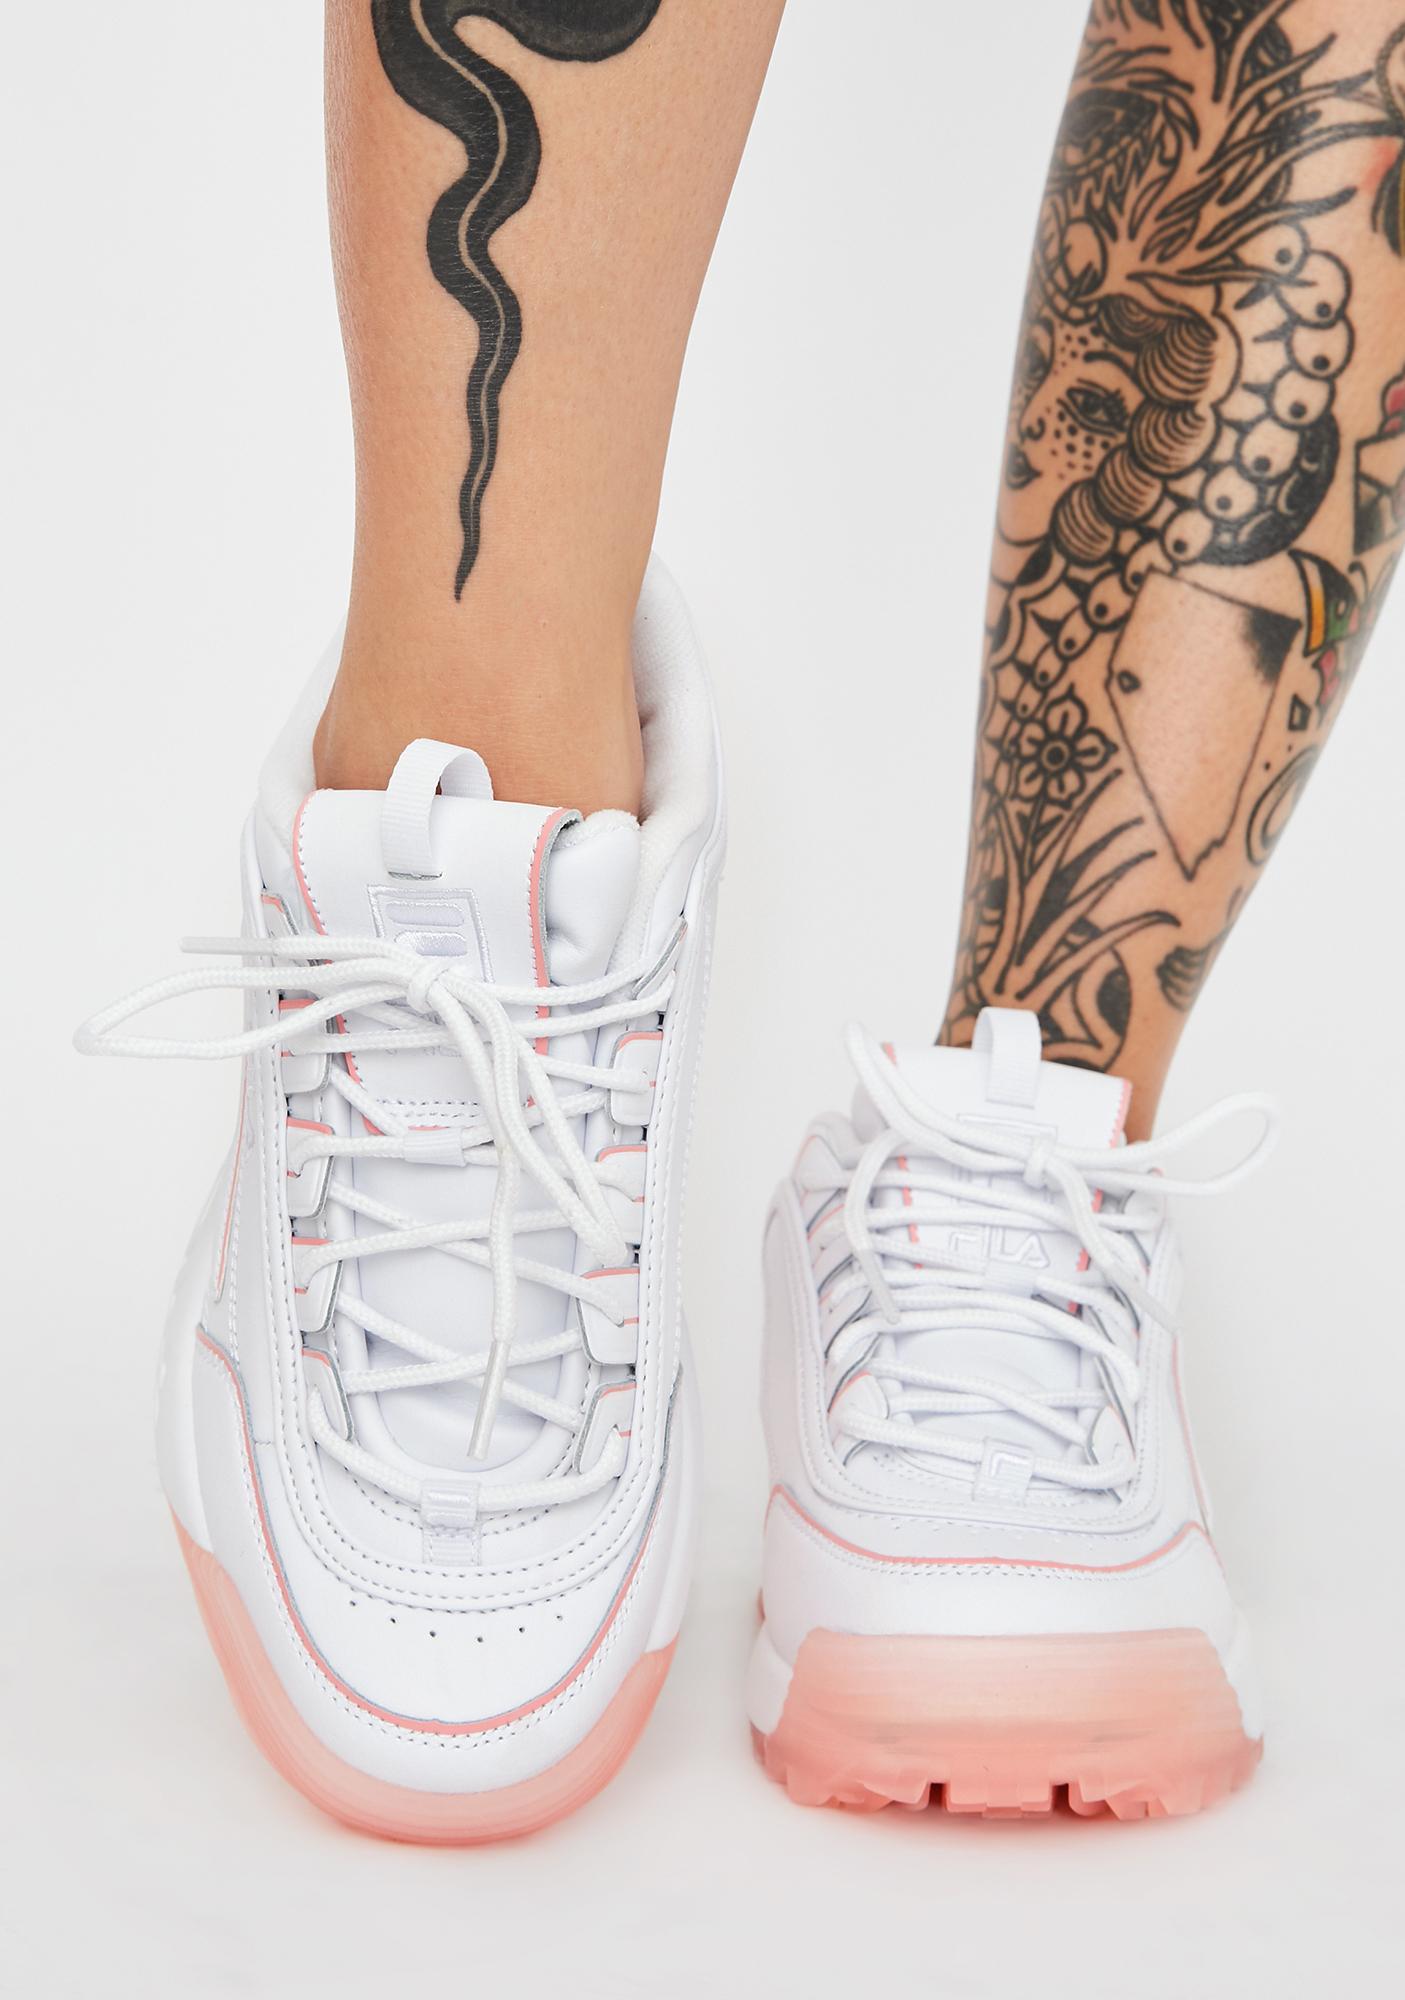 Fila Peony Disruptor 2 Ice Sneakers